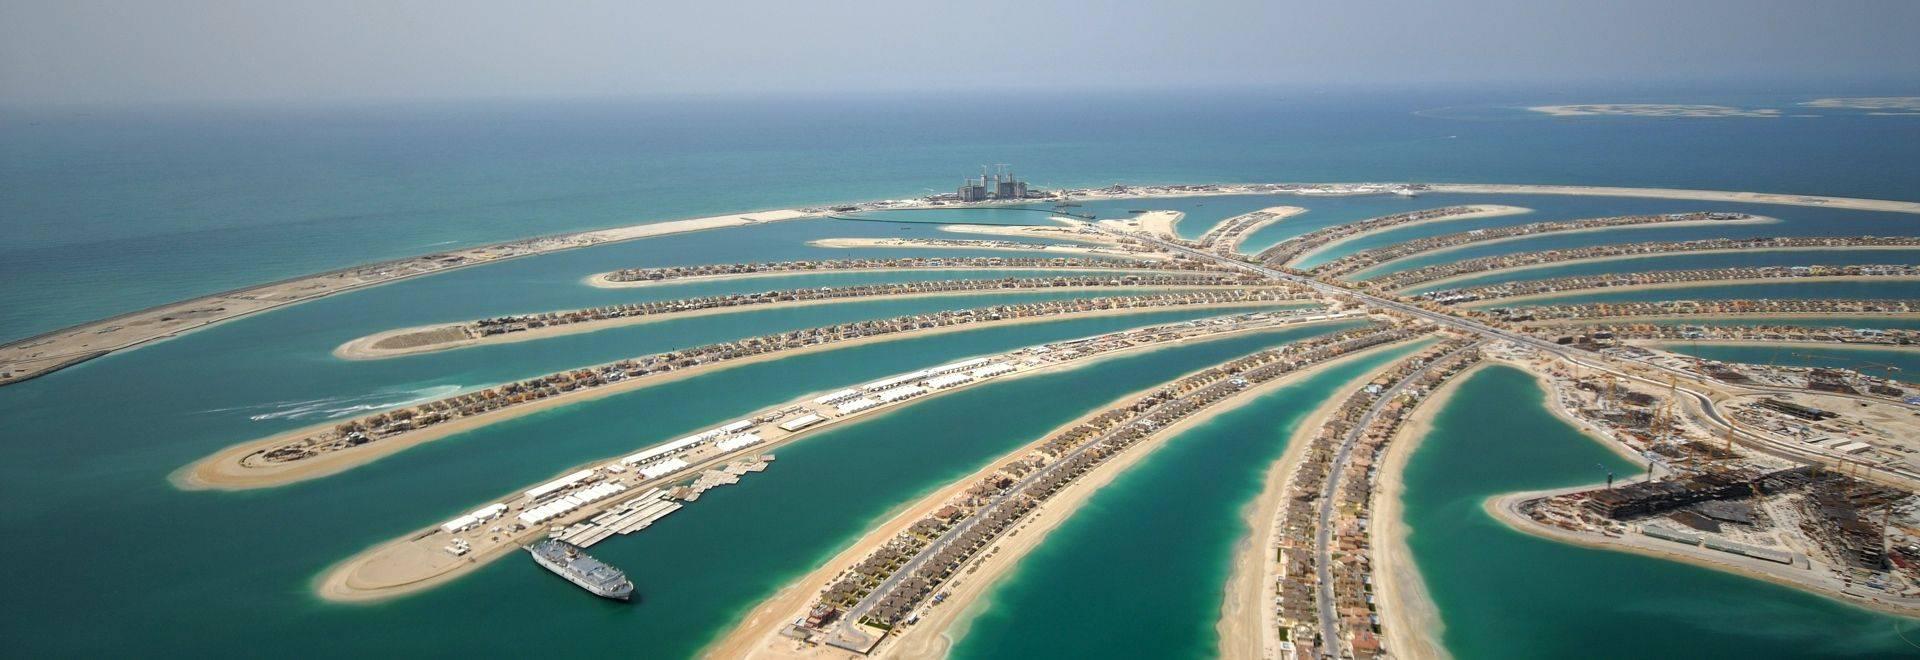 Shutterstock 16566973 Jumeirah Palm Island